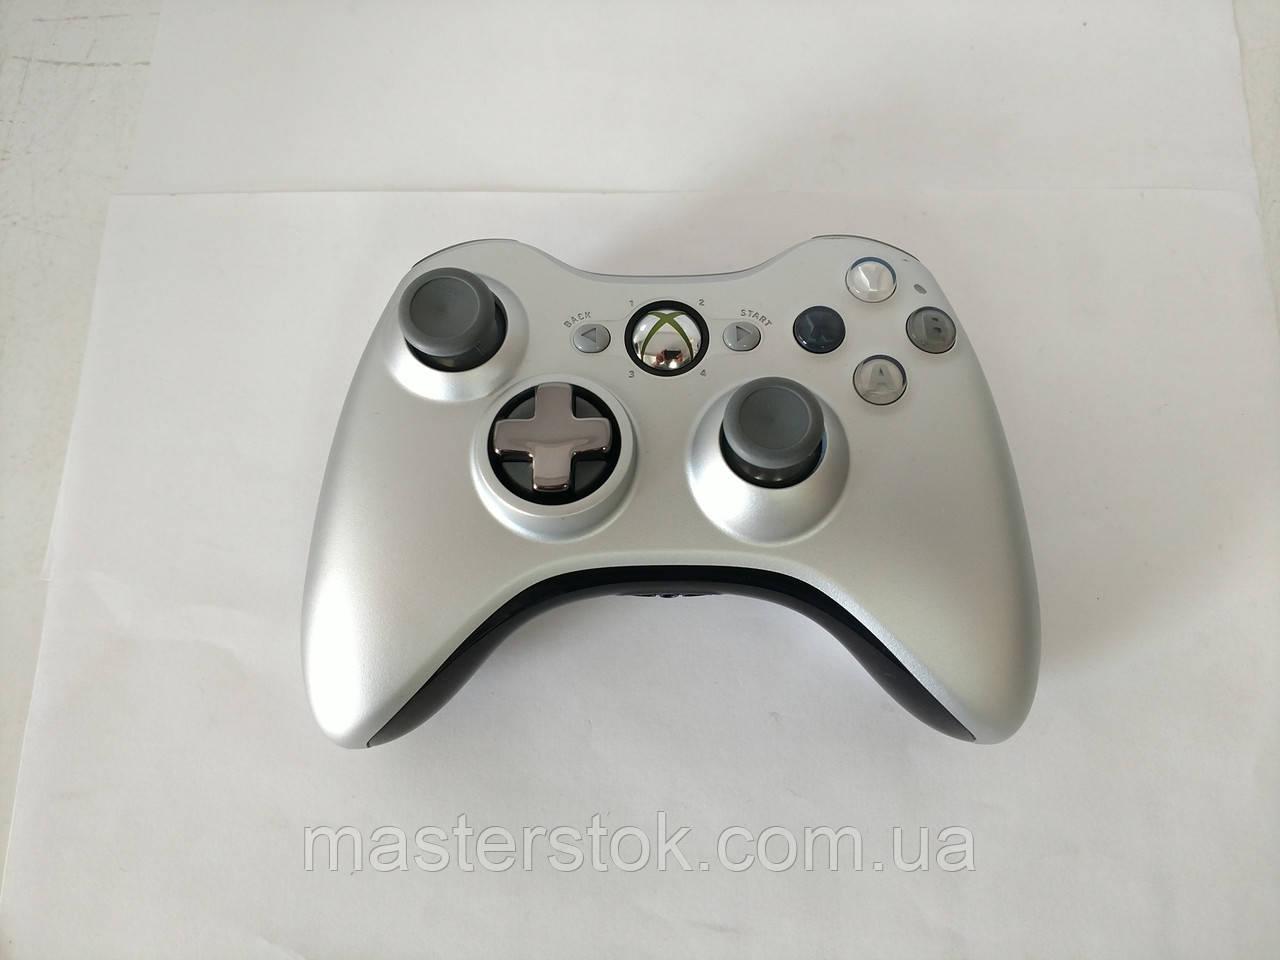 Джойстик беспроводной черно-серый для Xbox 360